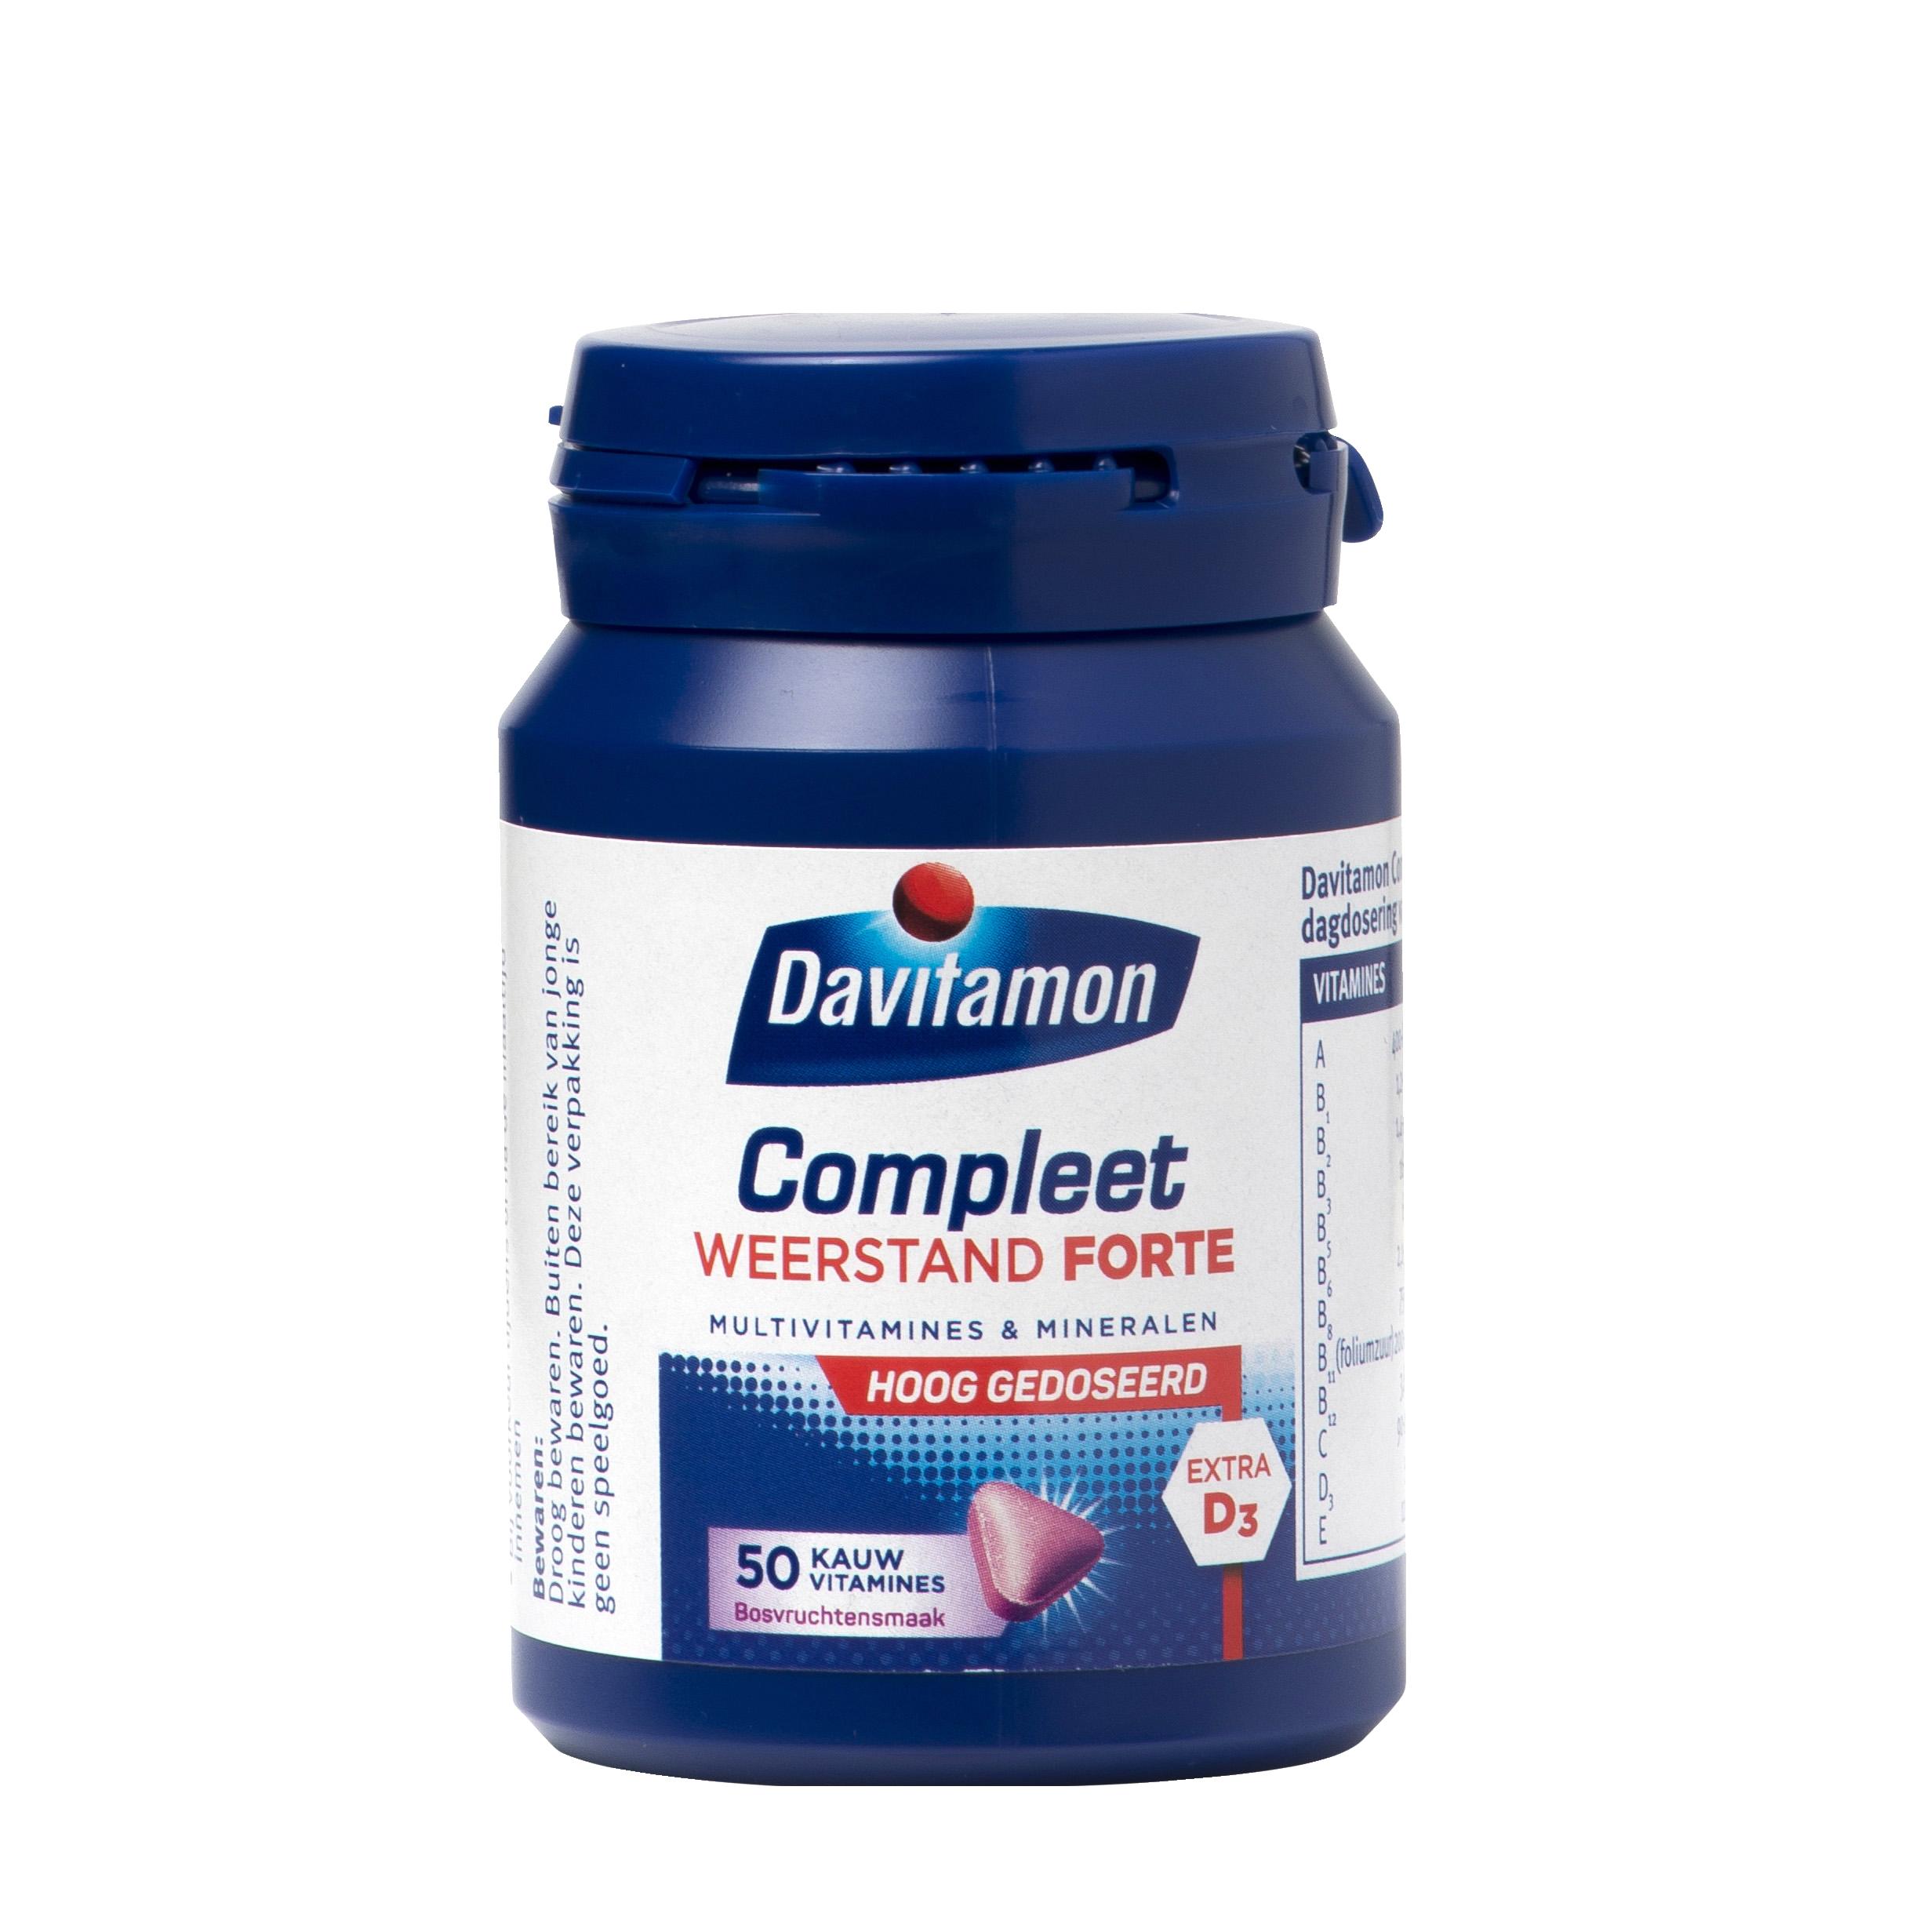 Davitamon Compleet Weerstand Forte Kauwvitamines Product